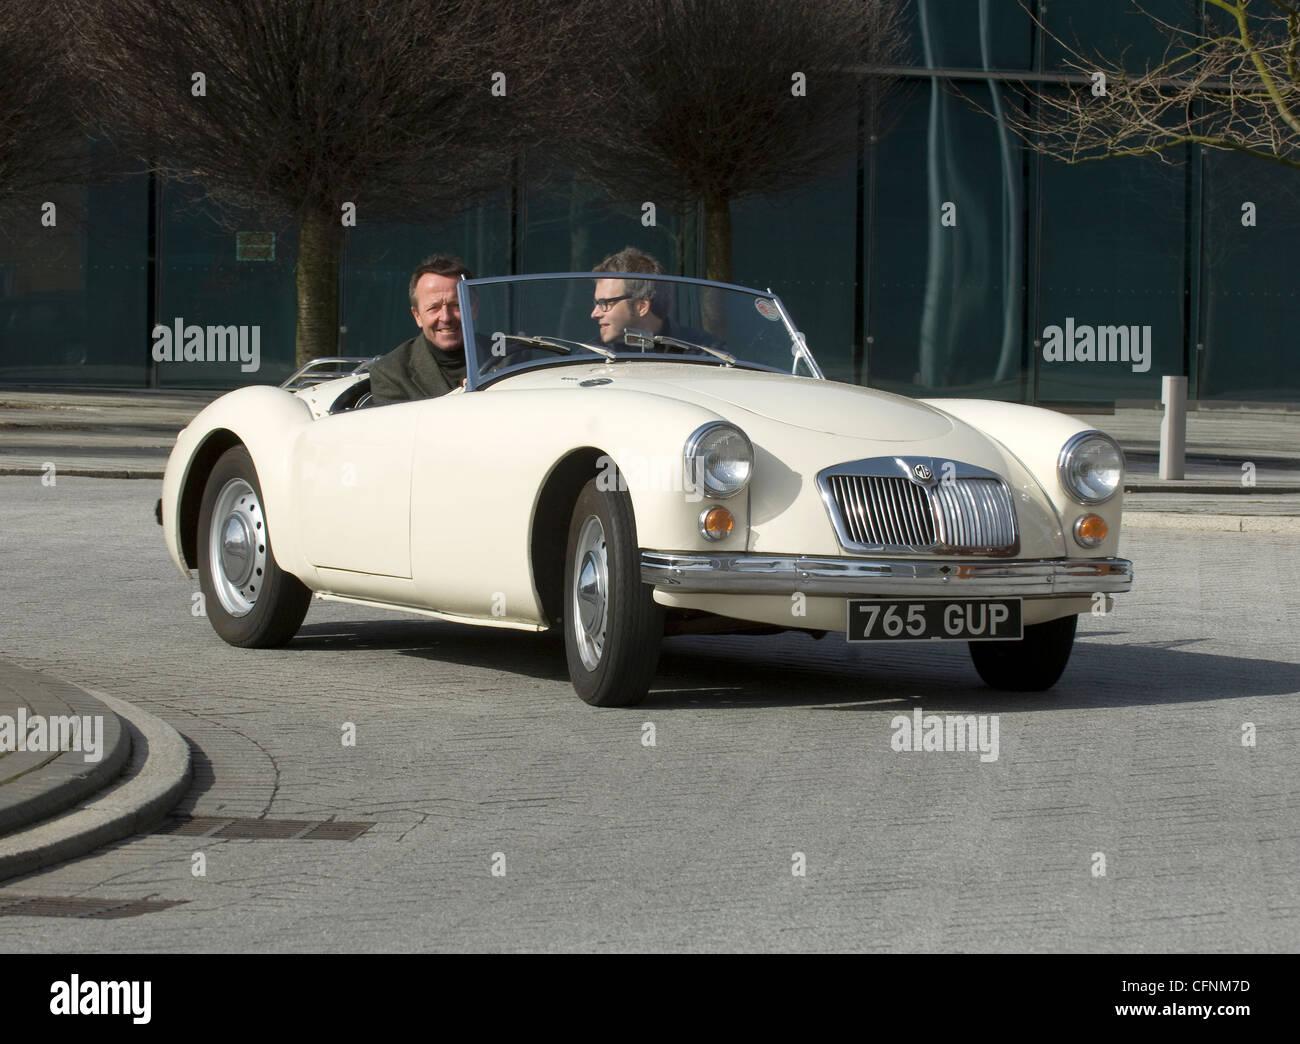 MGA englische offenen Sportwagen-Klassiker Stockbild